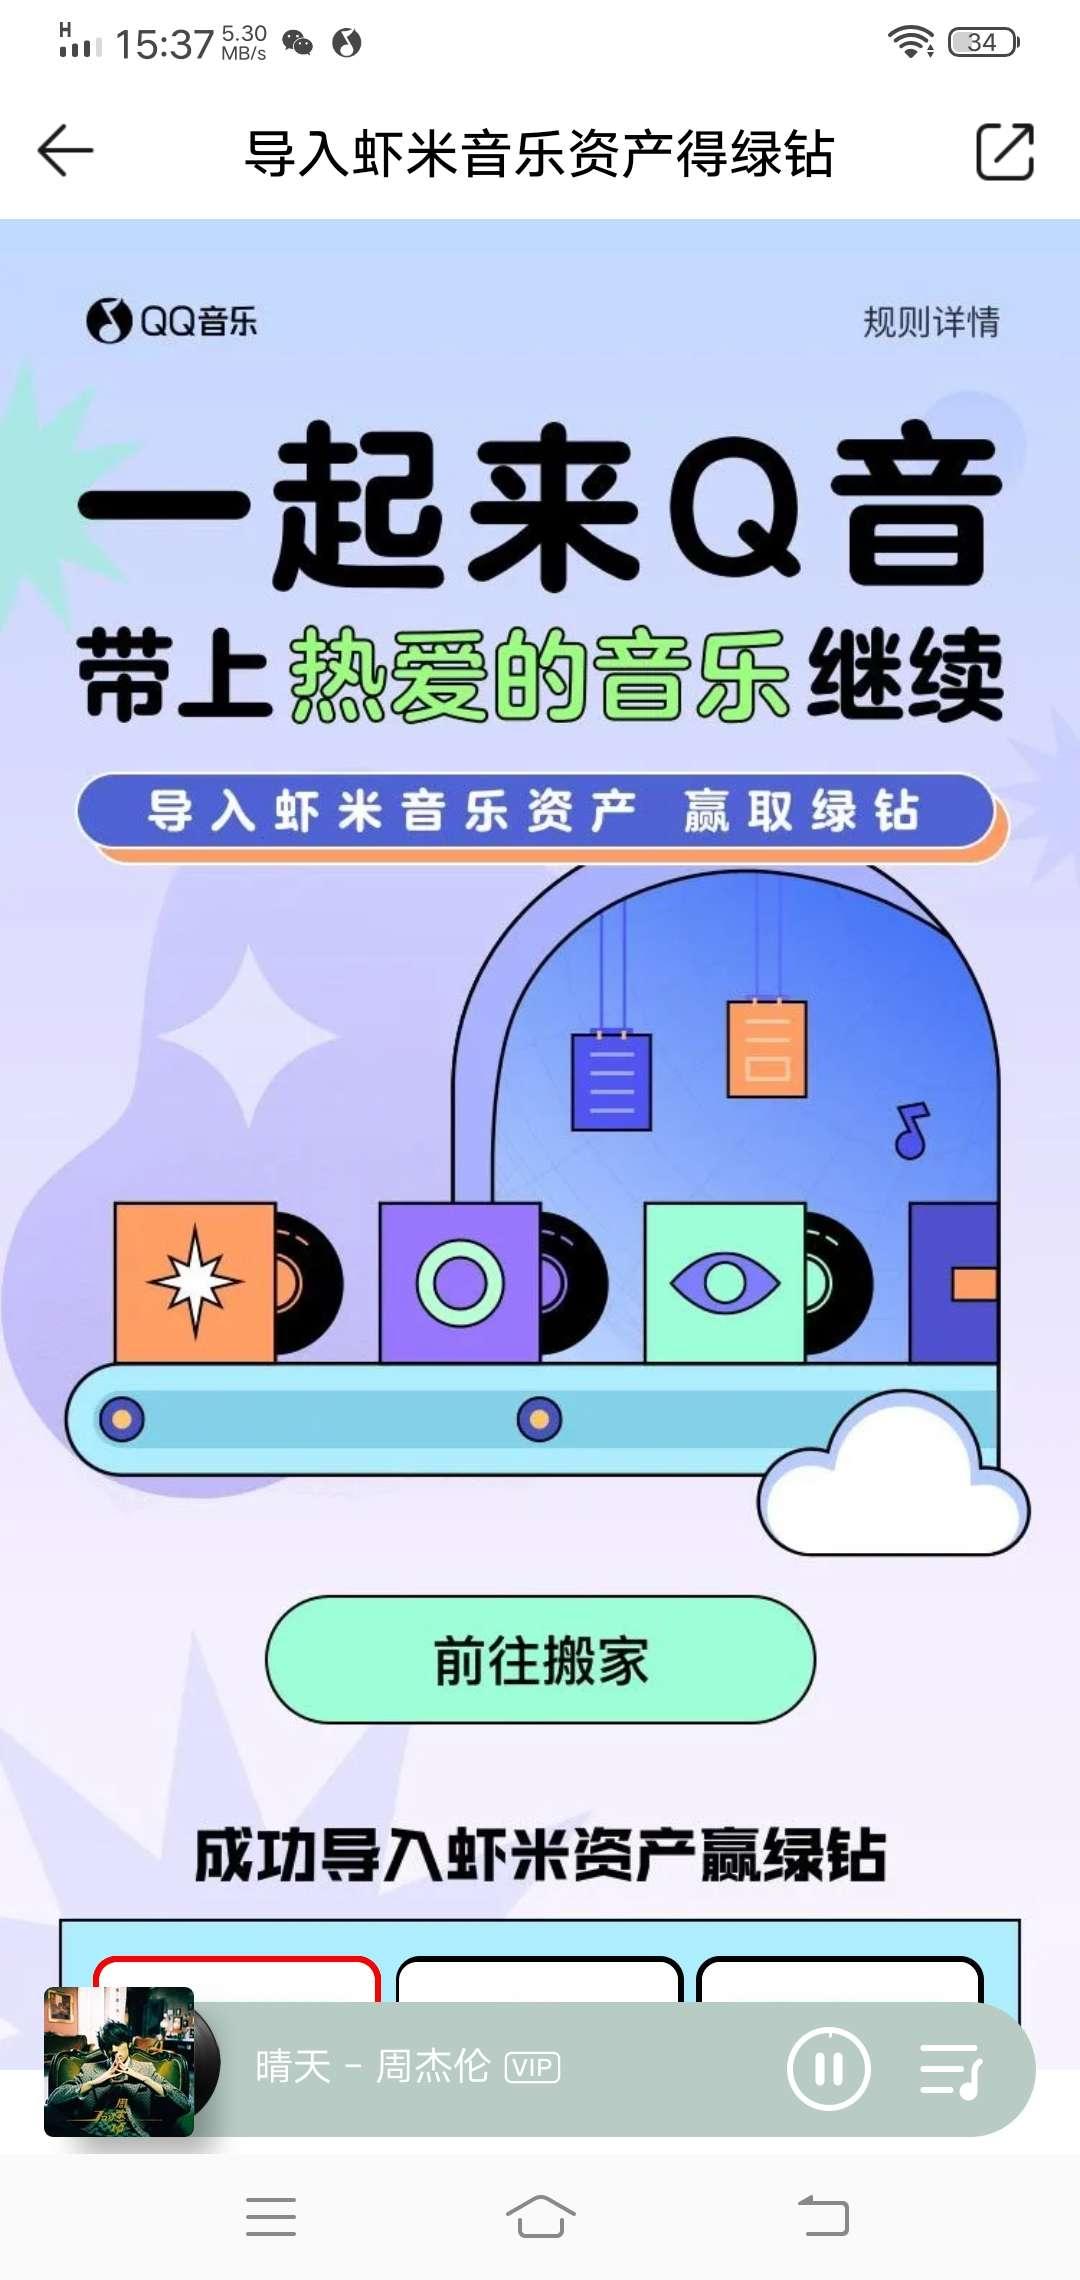 图片[1]-QQ音乐导入虾米音乐资产抽绿钻-老友薅羊毛活动线报网